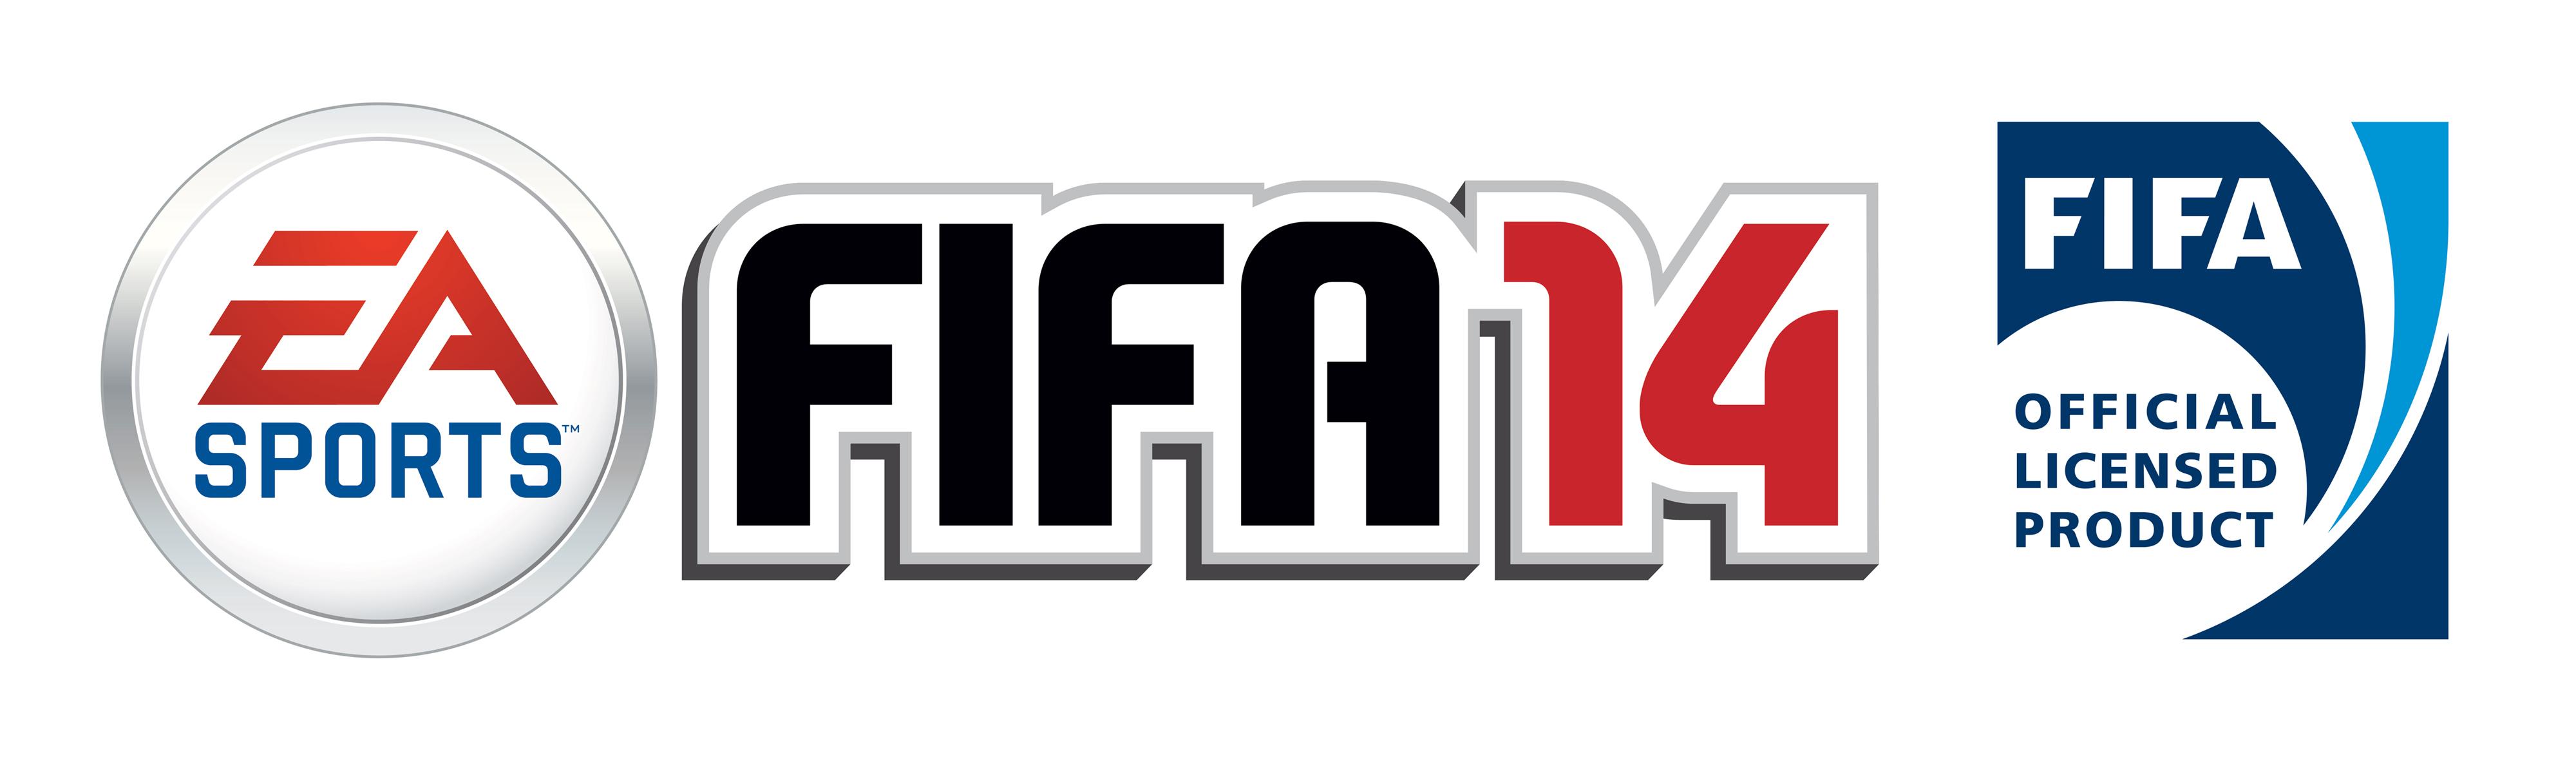 Juego Fifa 14